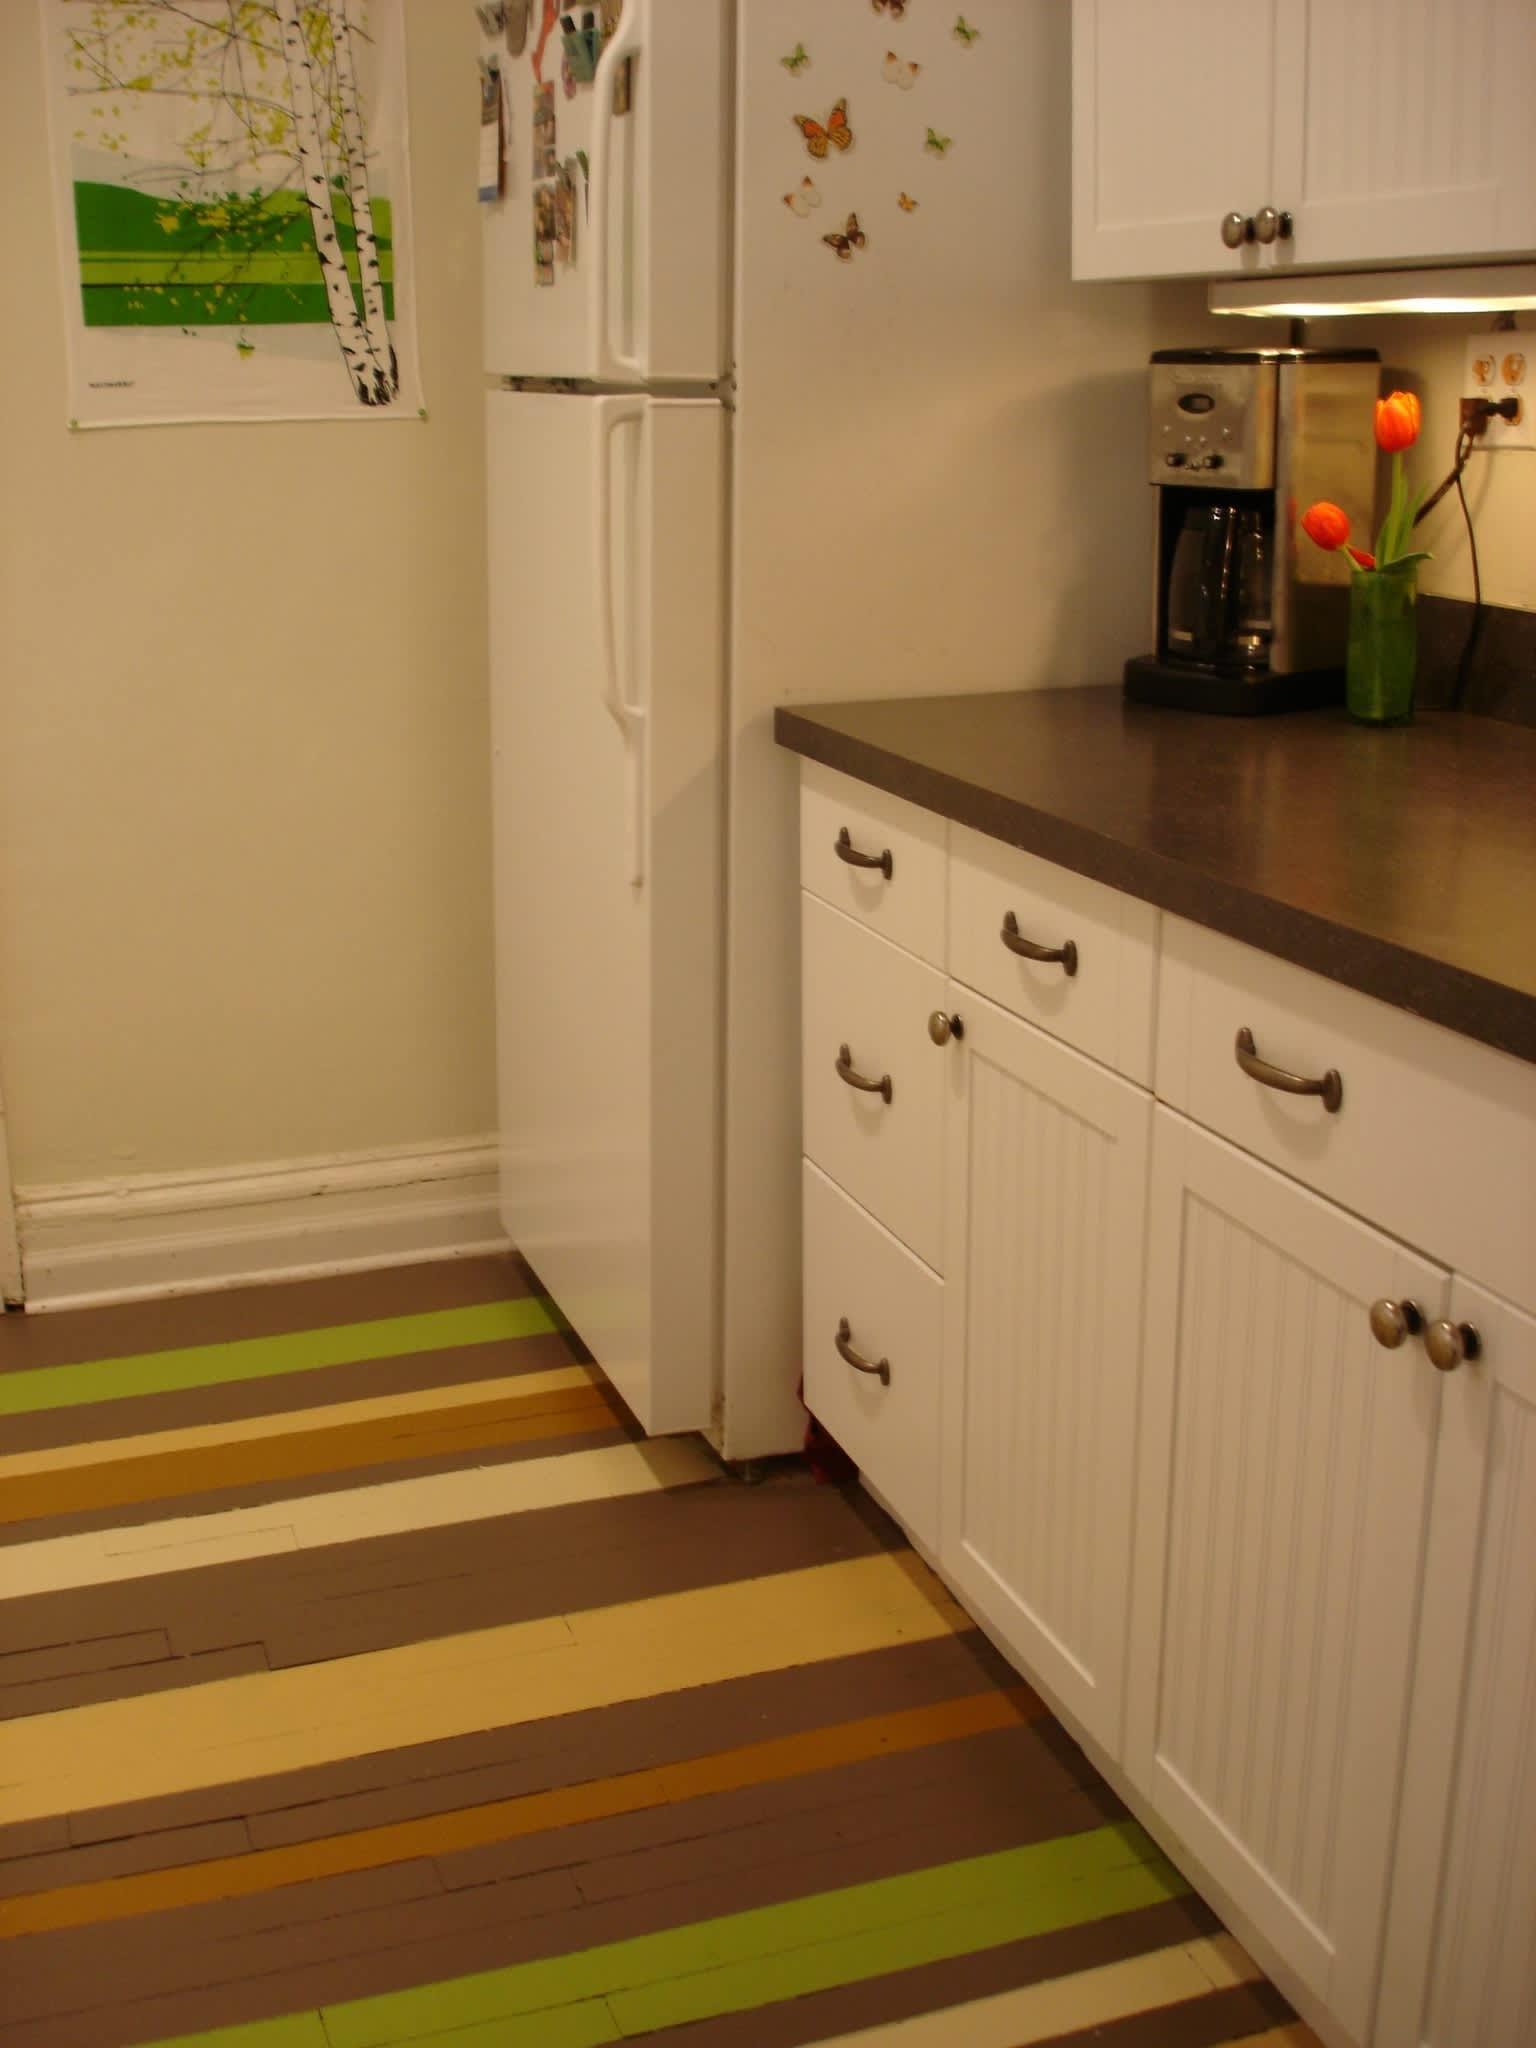 Alex's Cheery Chicago Kitchen: gallery image 3